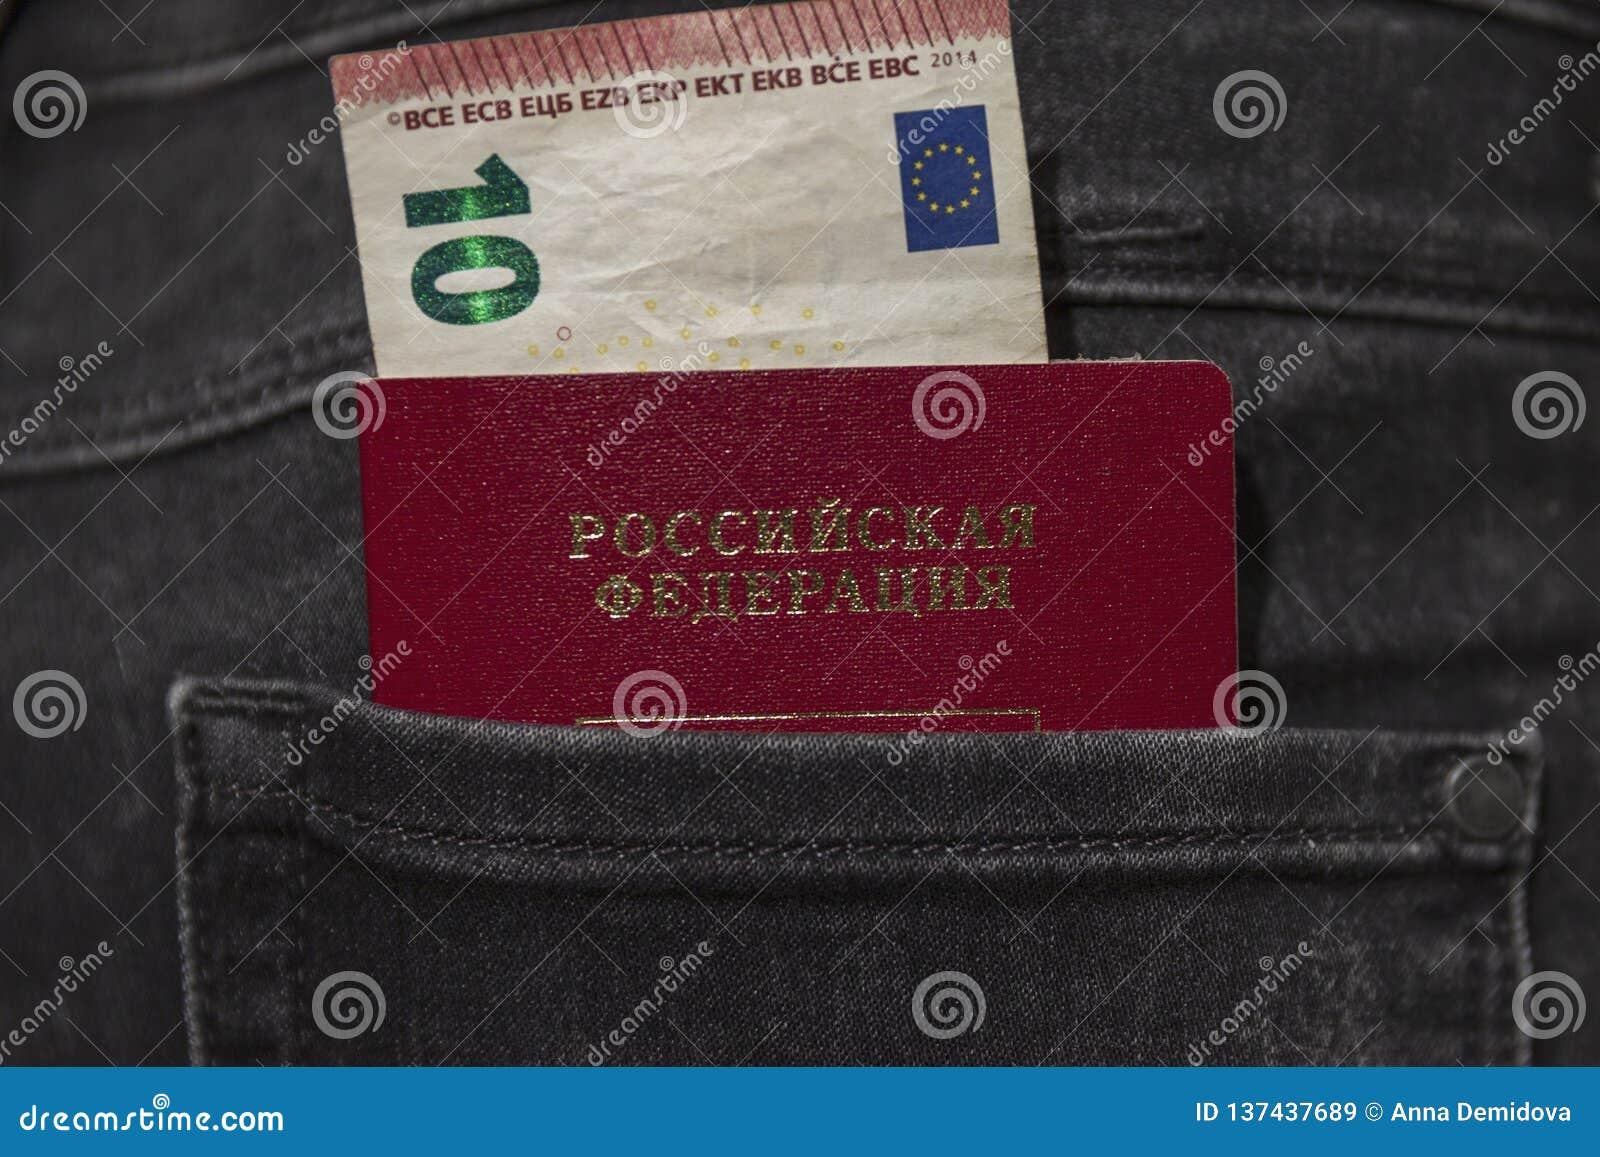 El pasaporte ruso y una cuenta de 10 euros se pegan fuera del bolsillo trasero de vaqueros